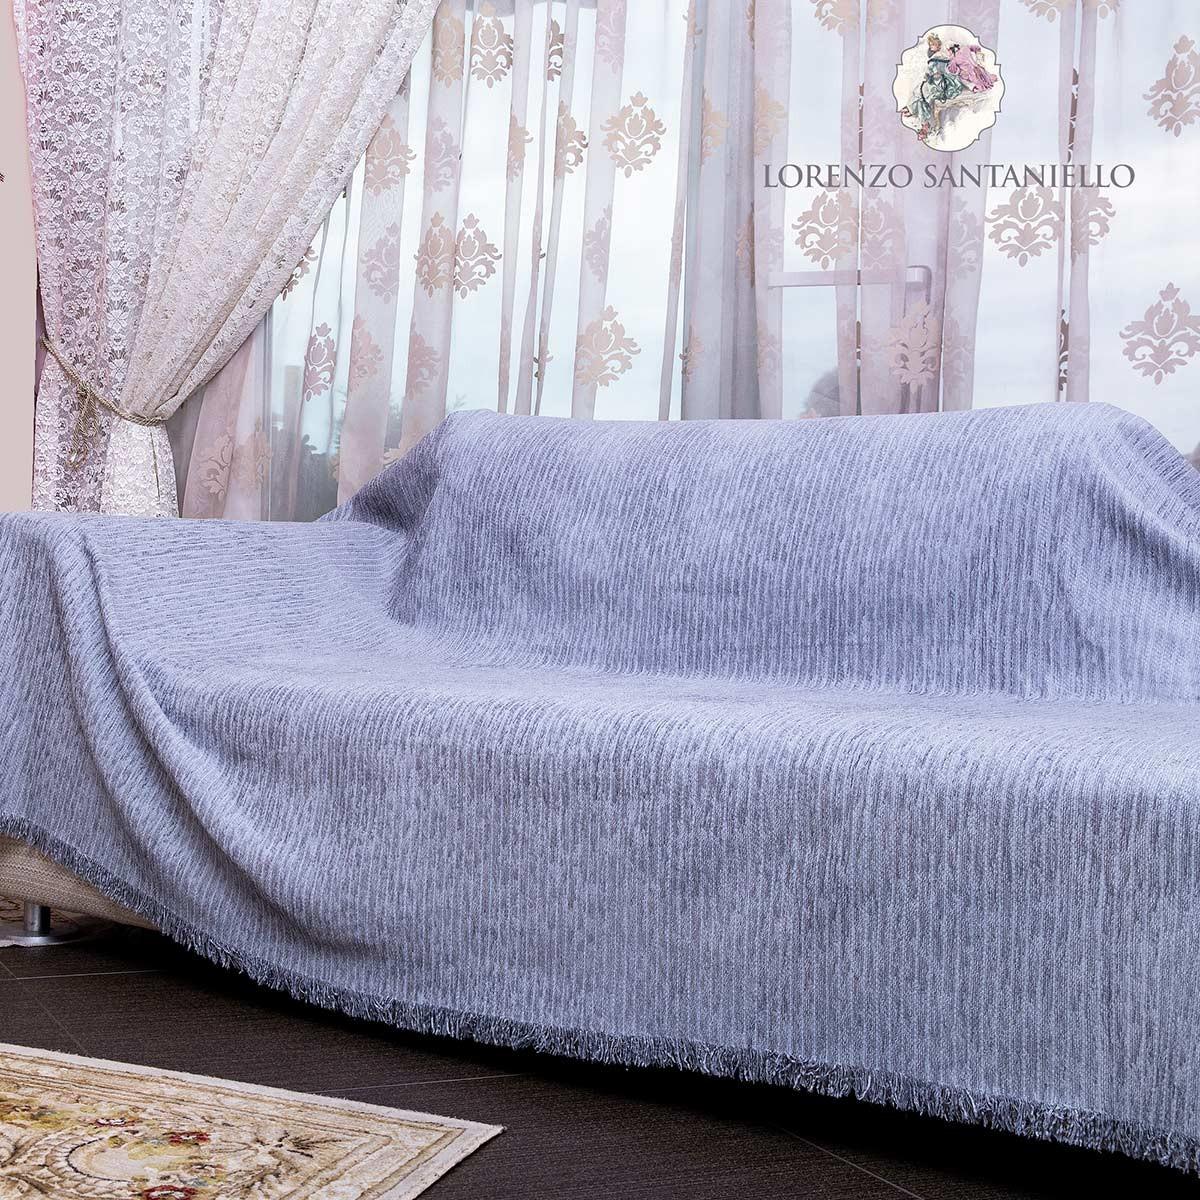 Ριχτάρι Τετραθέσιου (180x350) Lorenzo Santaniello Kotle Grey